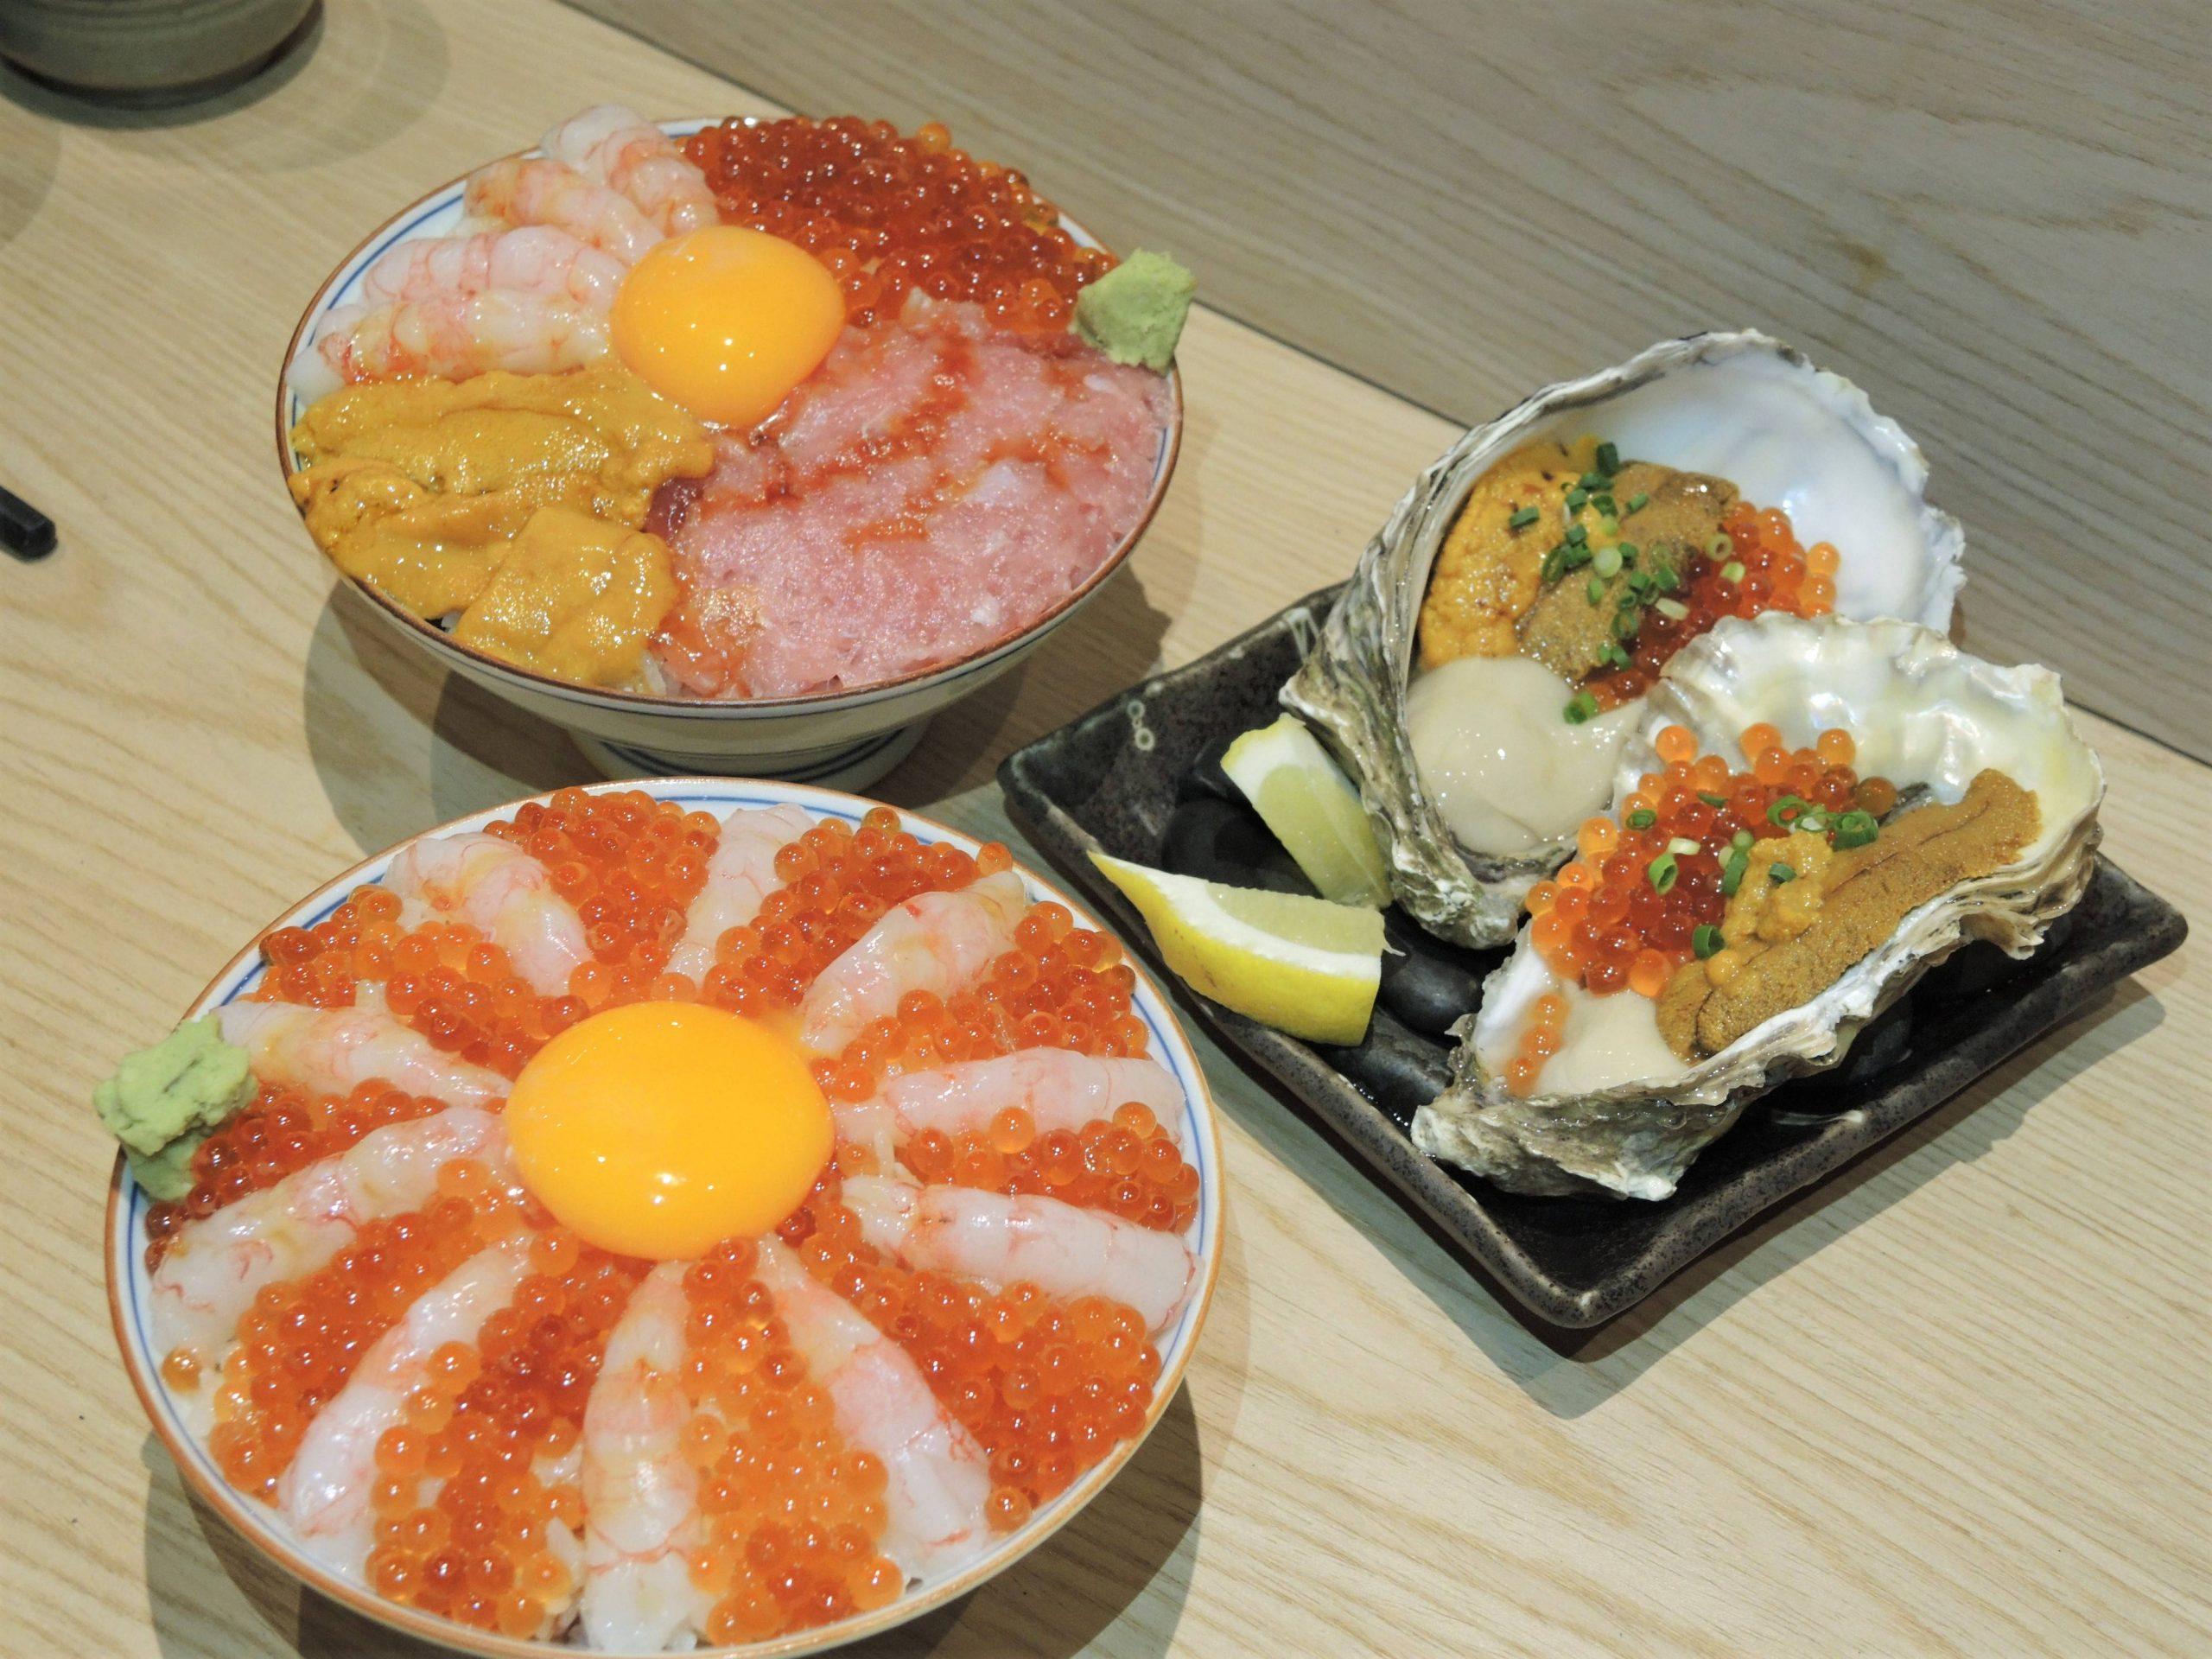 魚君 さかなくん 海鮮丼專門店